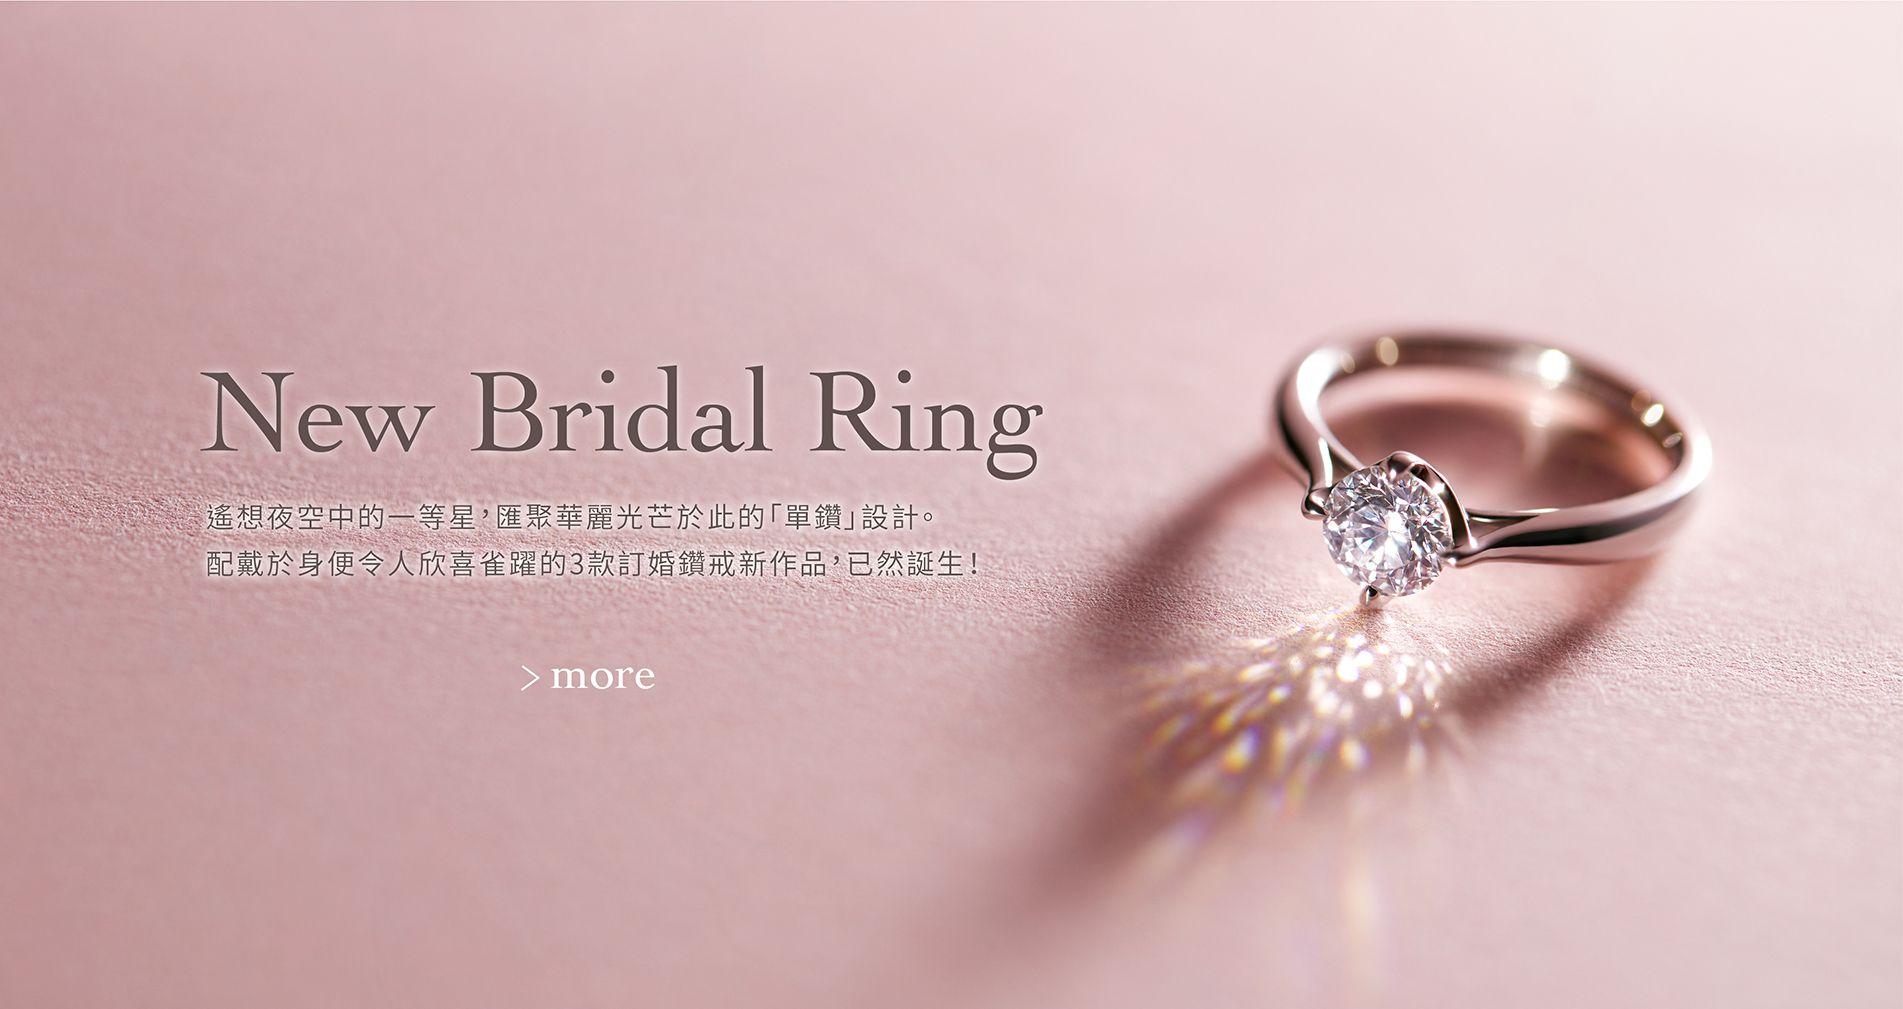 New Bridal Ring